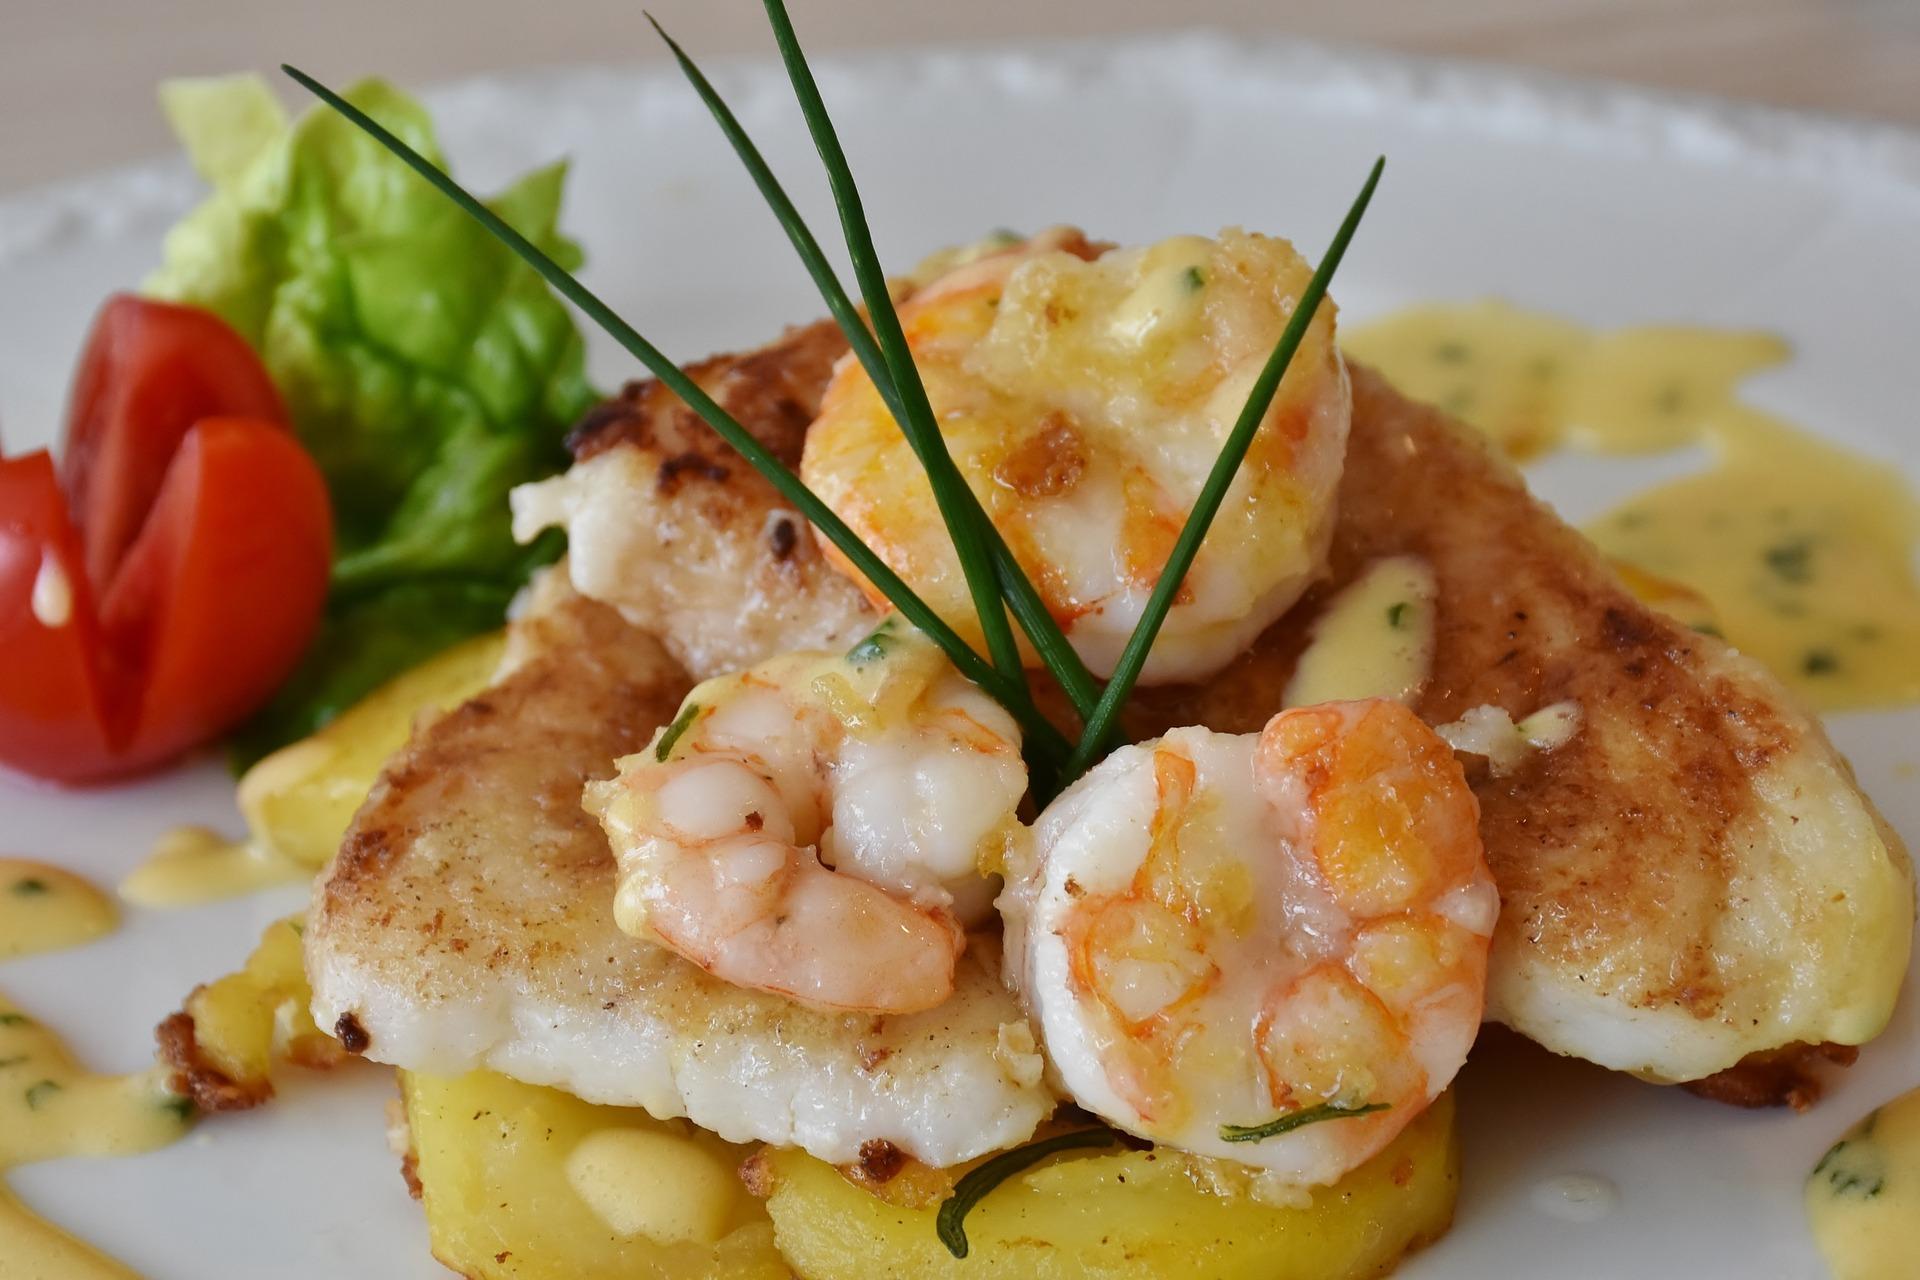 Peixe com batata o que comer mochileiro na Oceania